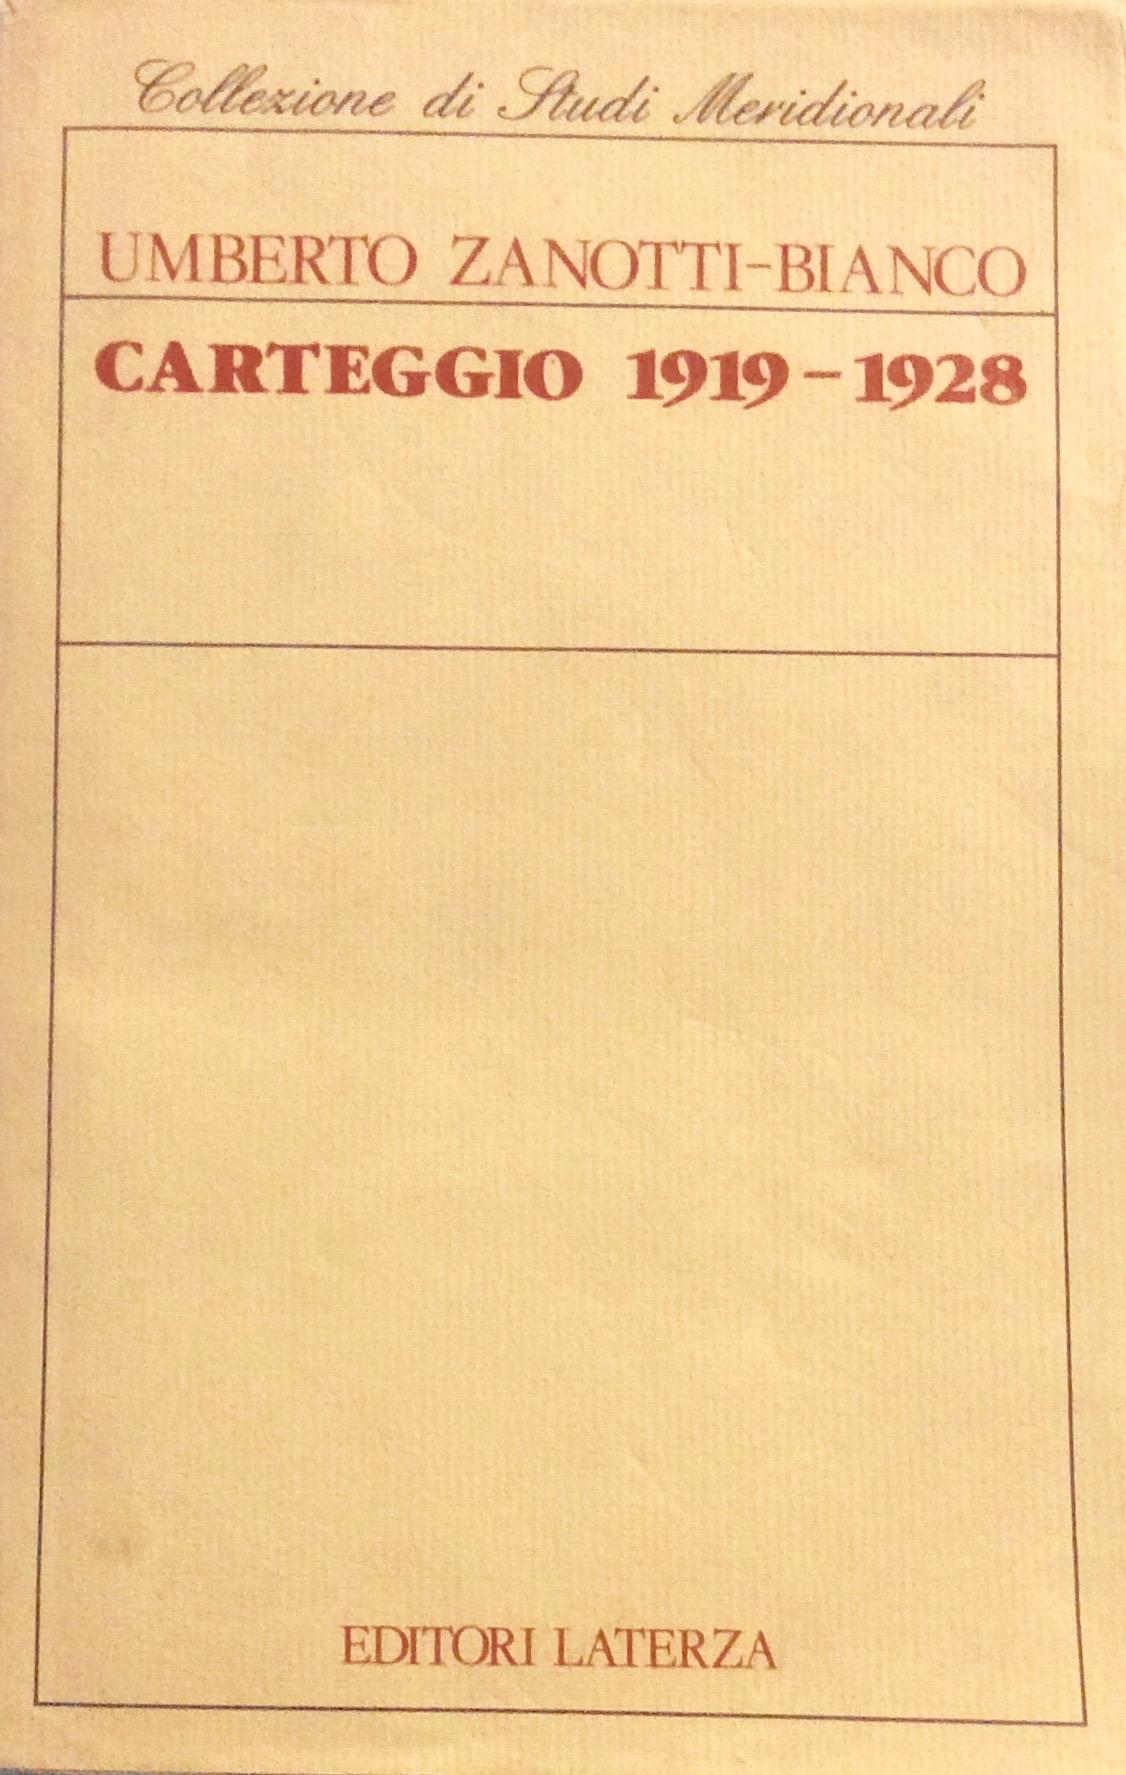 Carteggio (1919-1928)